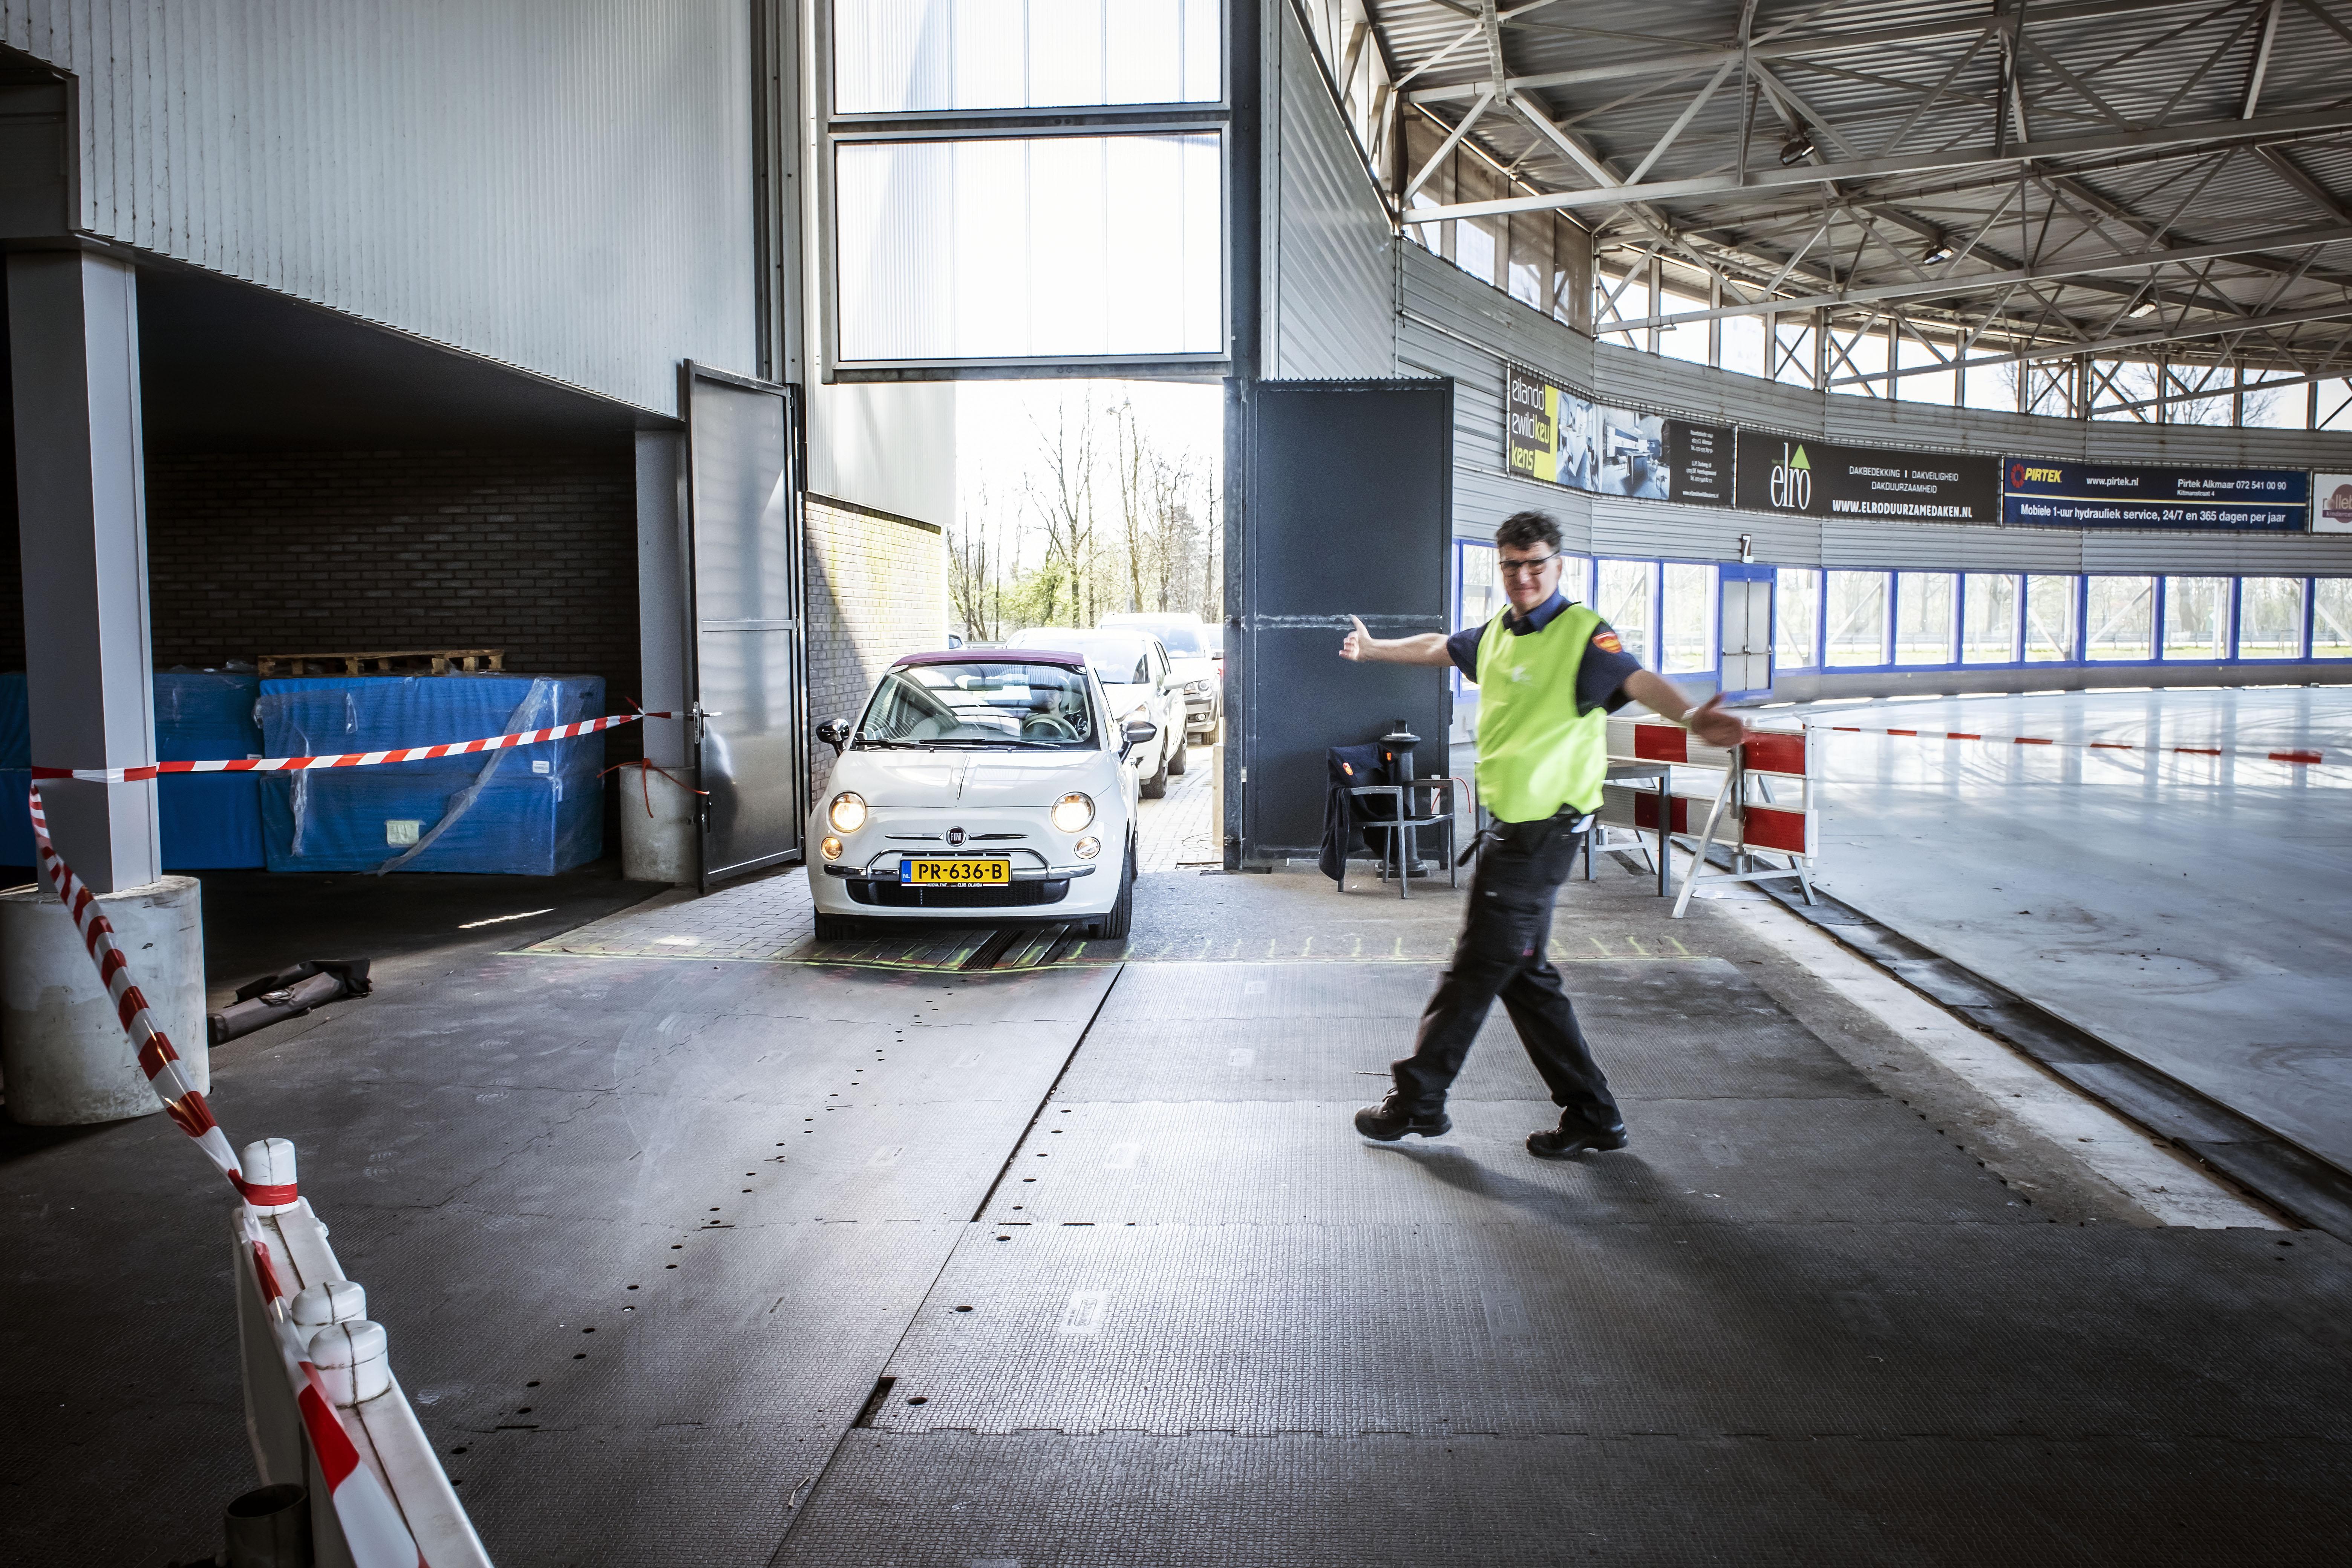 West-Fries personeel zorginstellingen vraagt vergeefs om coronatest in regio